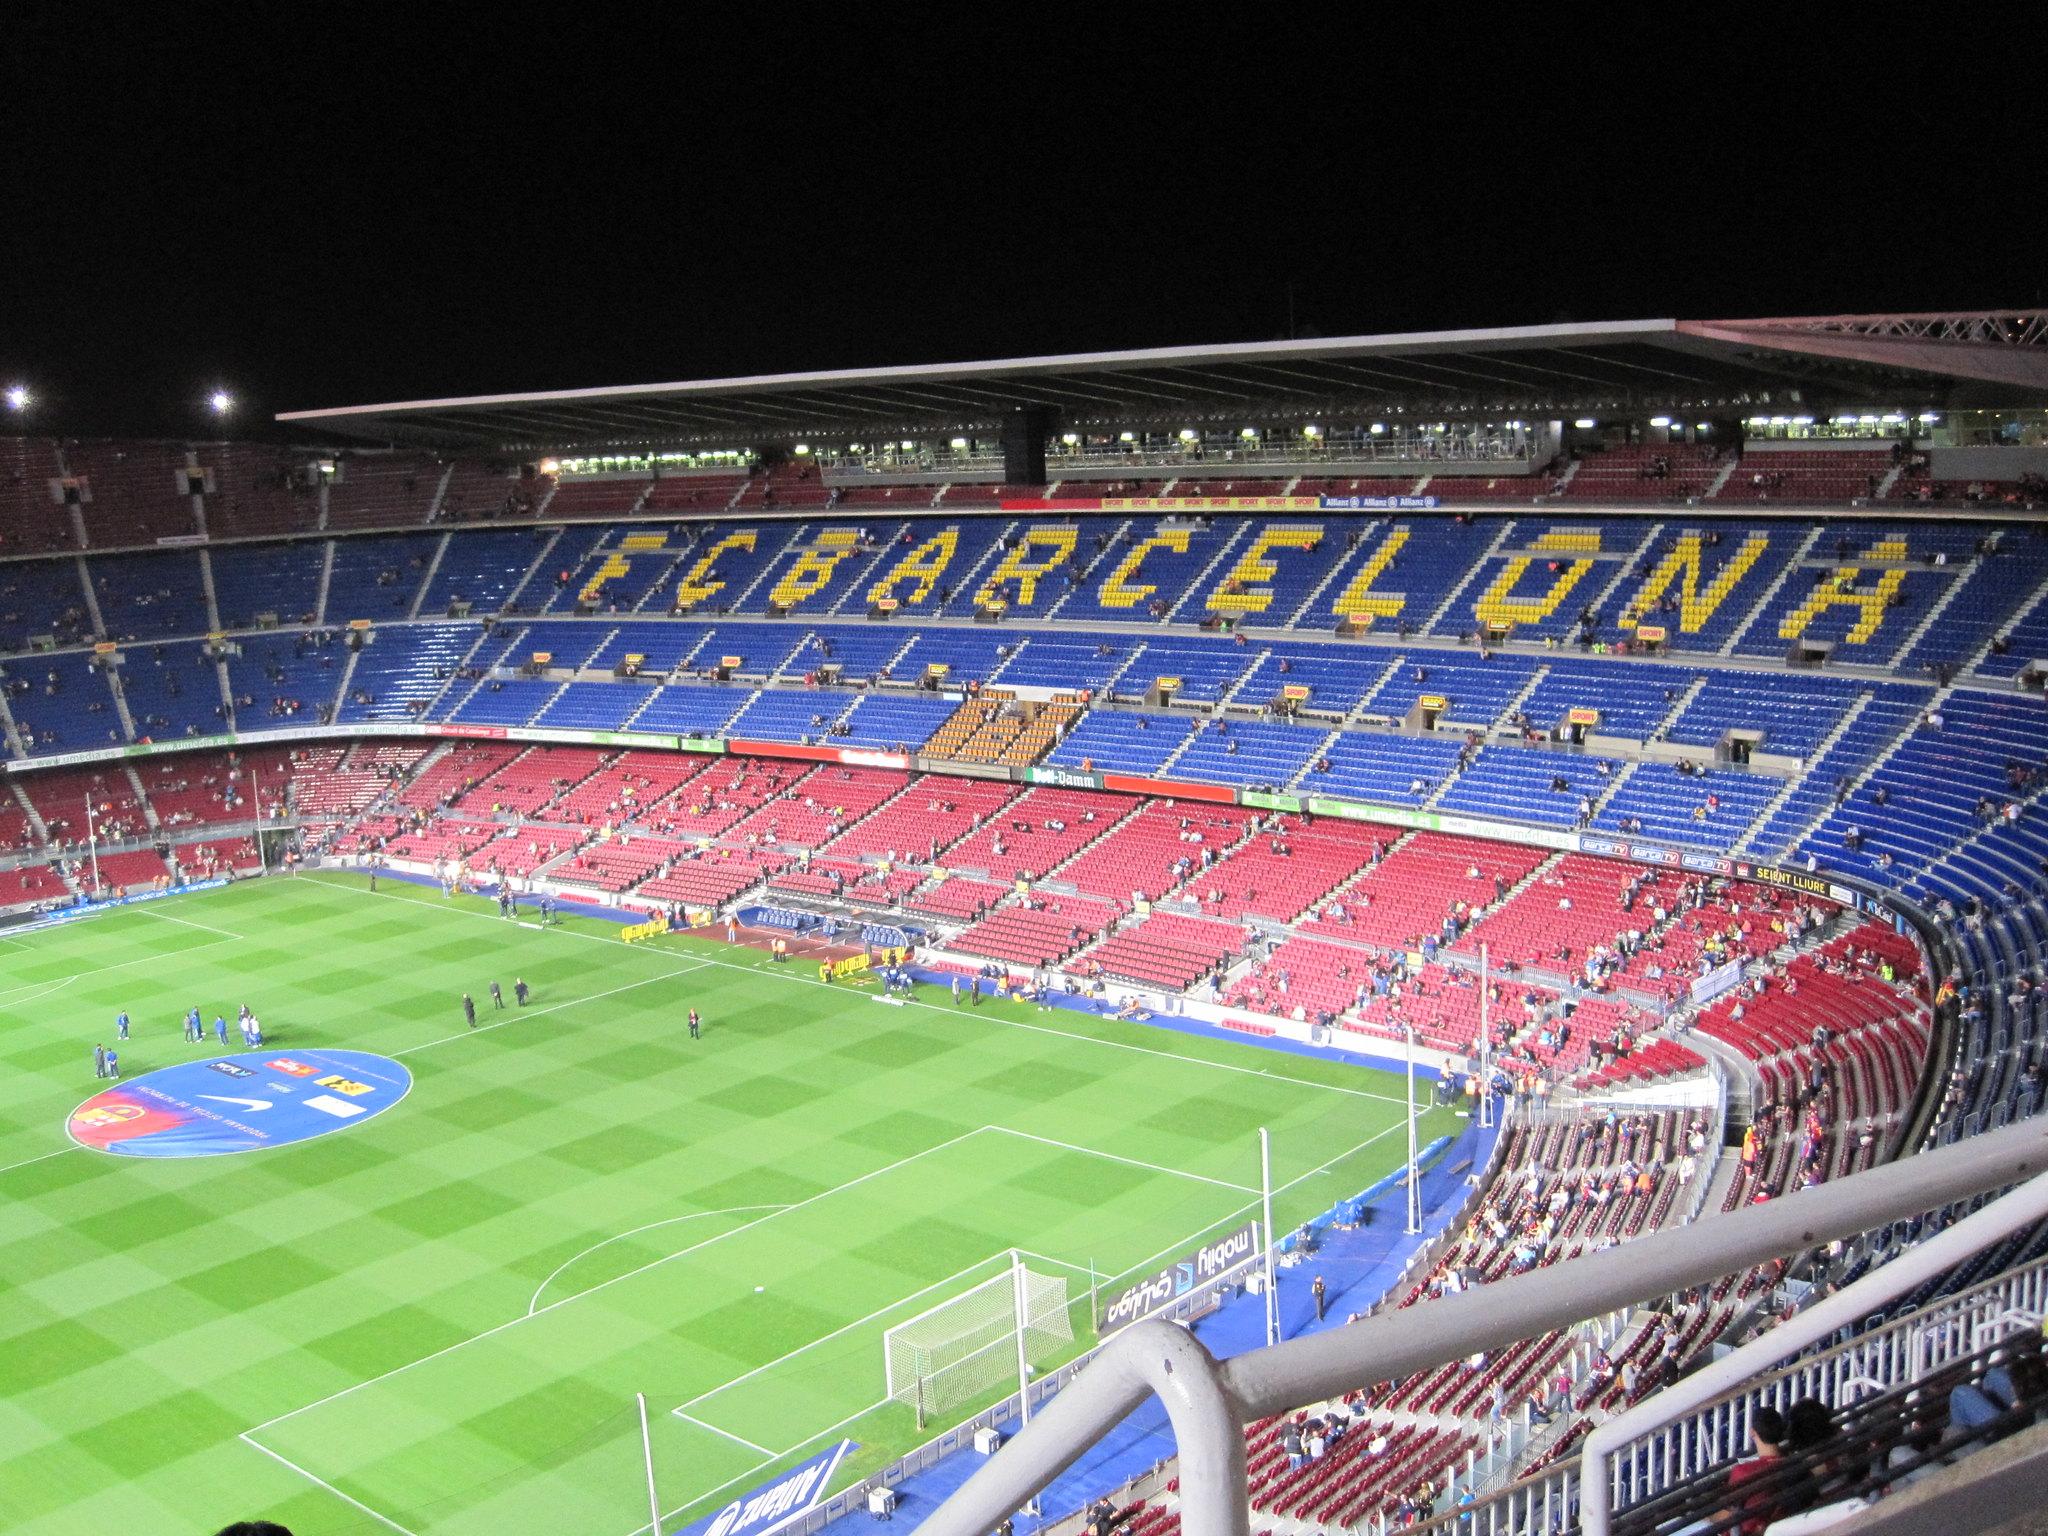 FC Barcelona's Camp Nou